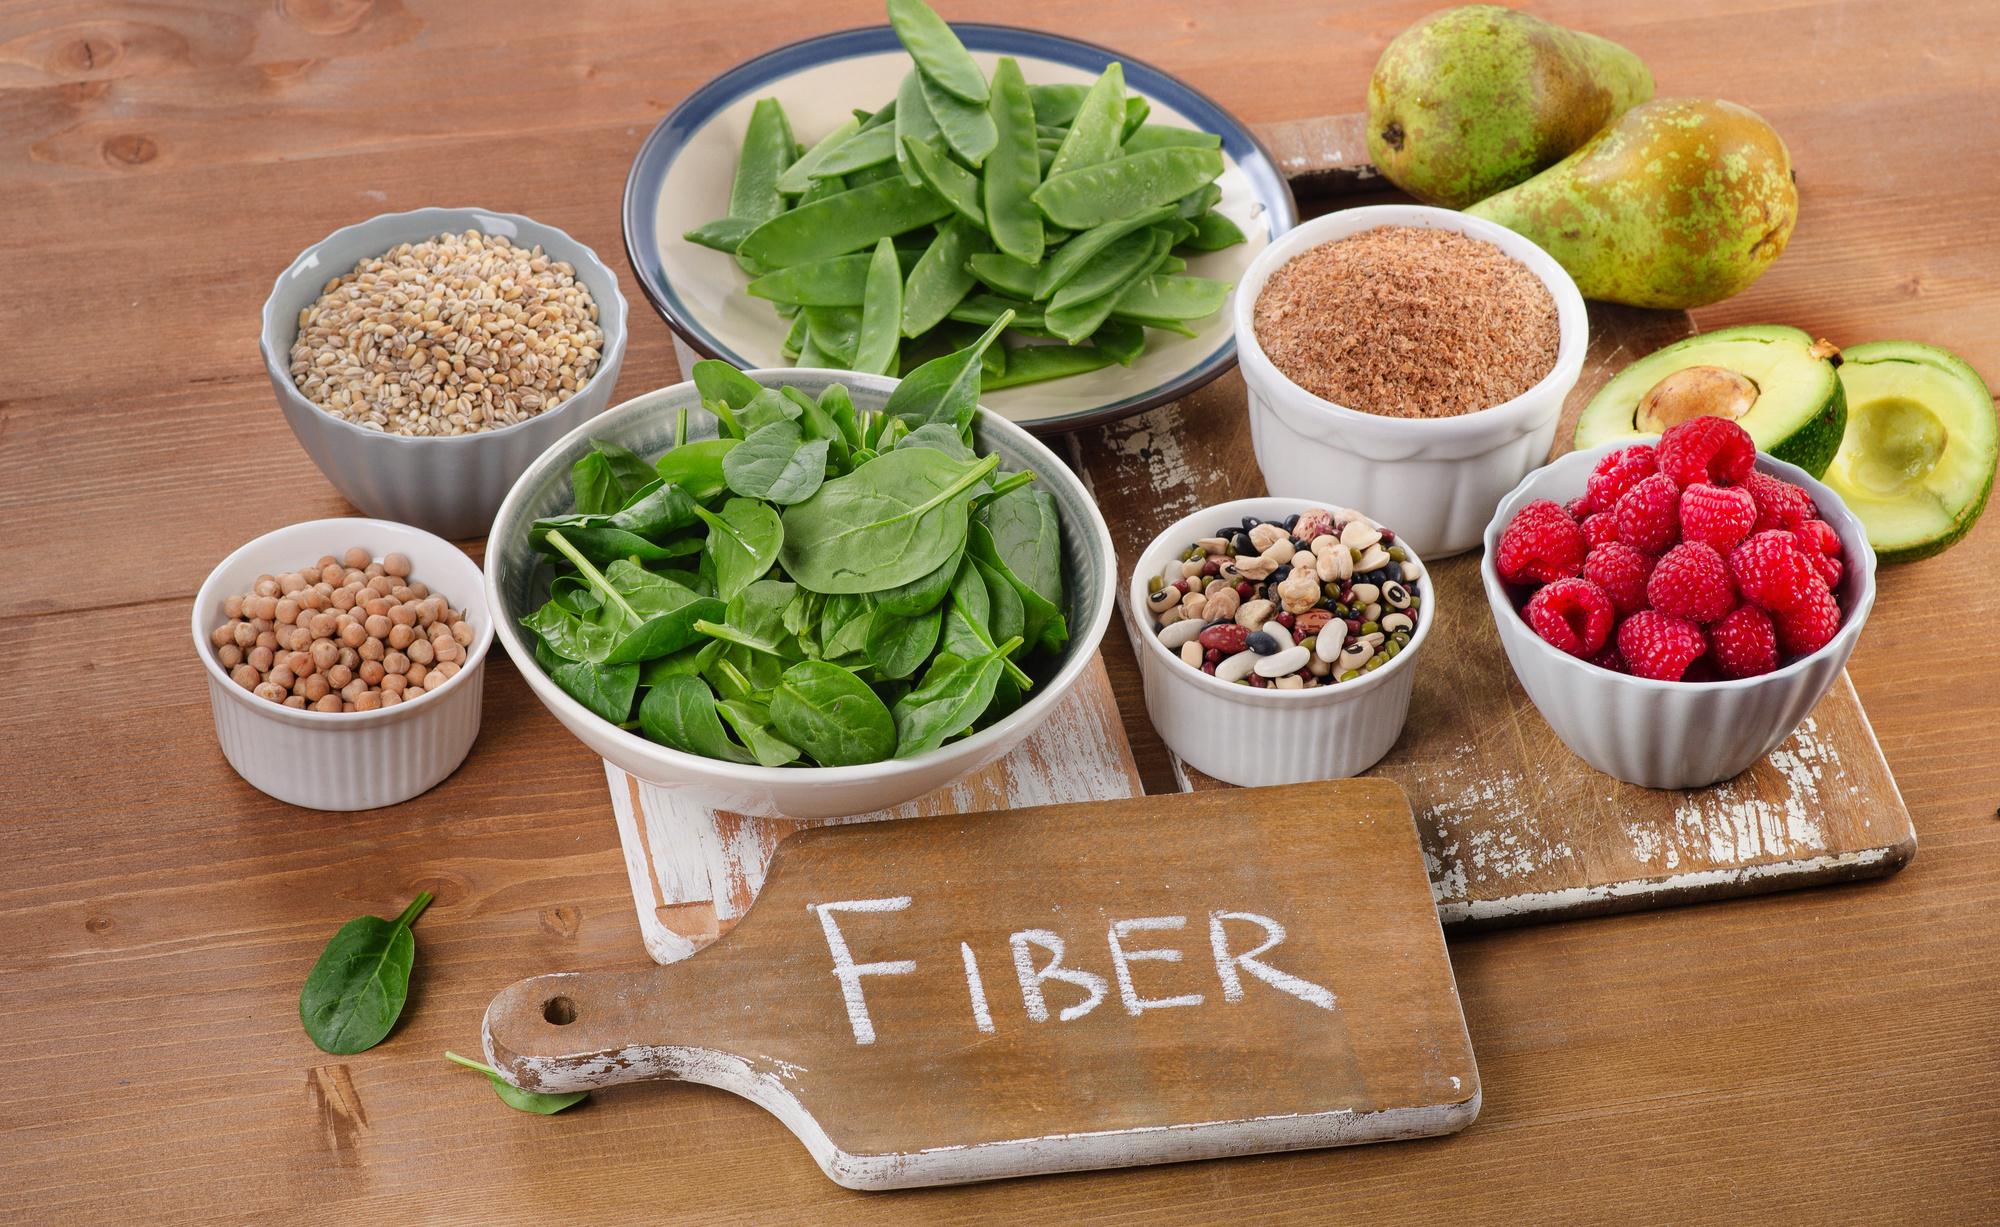 increasing fiber intake